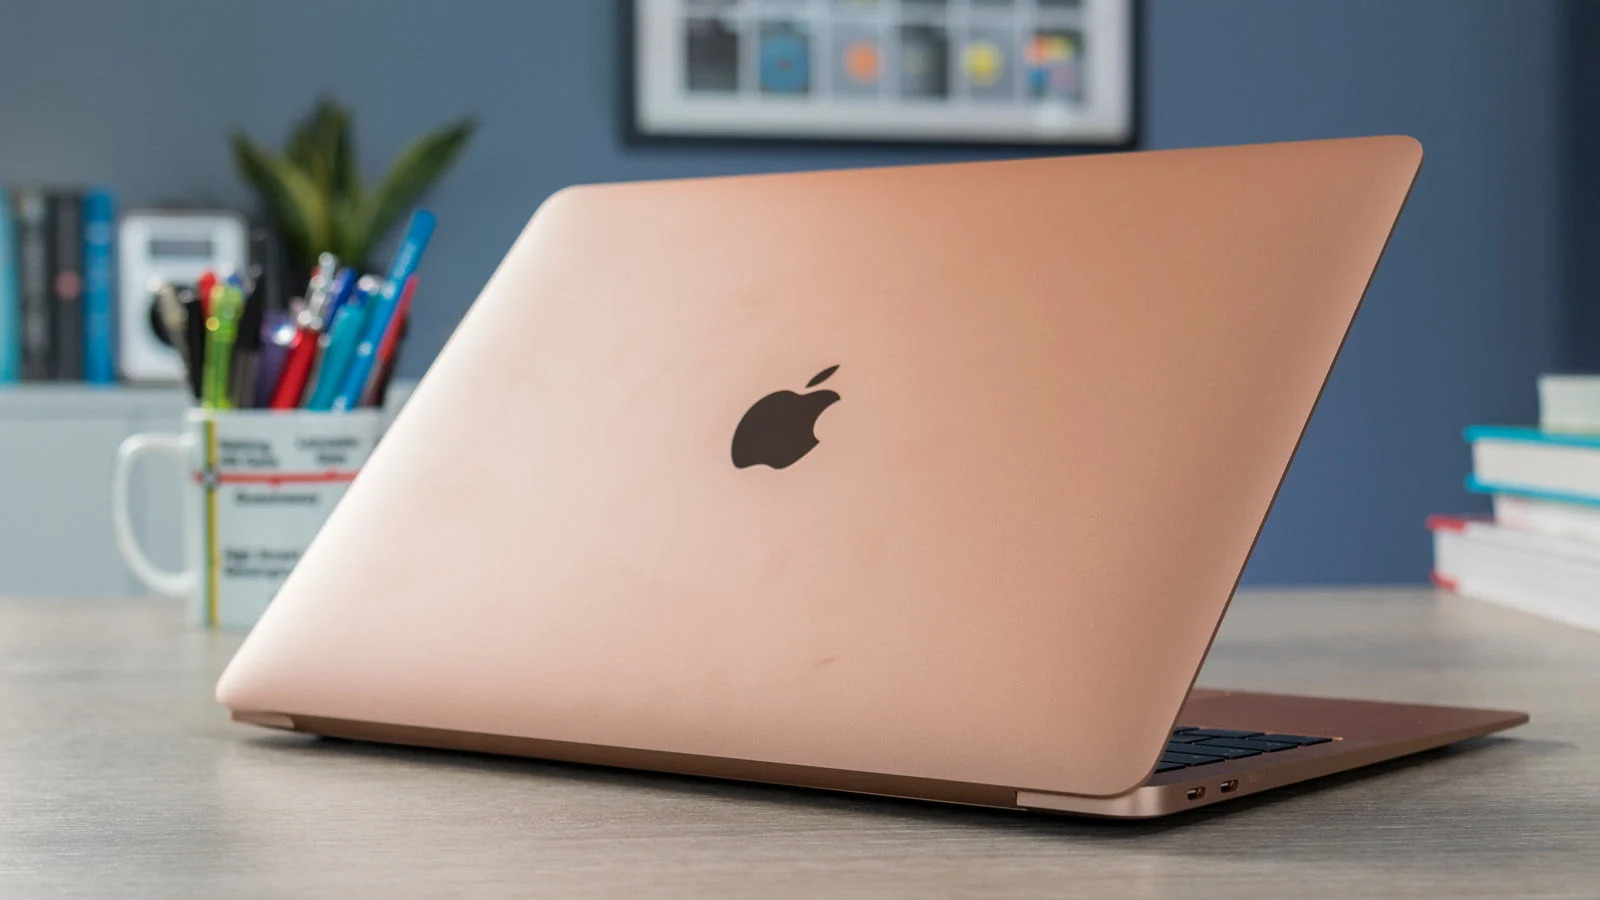 Đánh giá Apple MacBook Air 2020: Chiếc máy tính Mac tốt nhất dành cho số đông người dùng 1